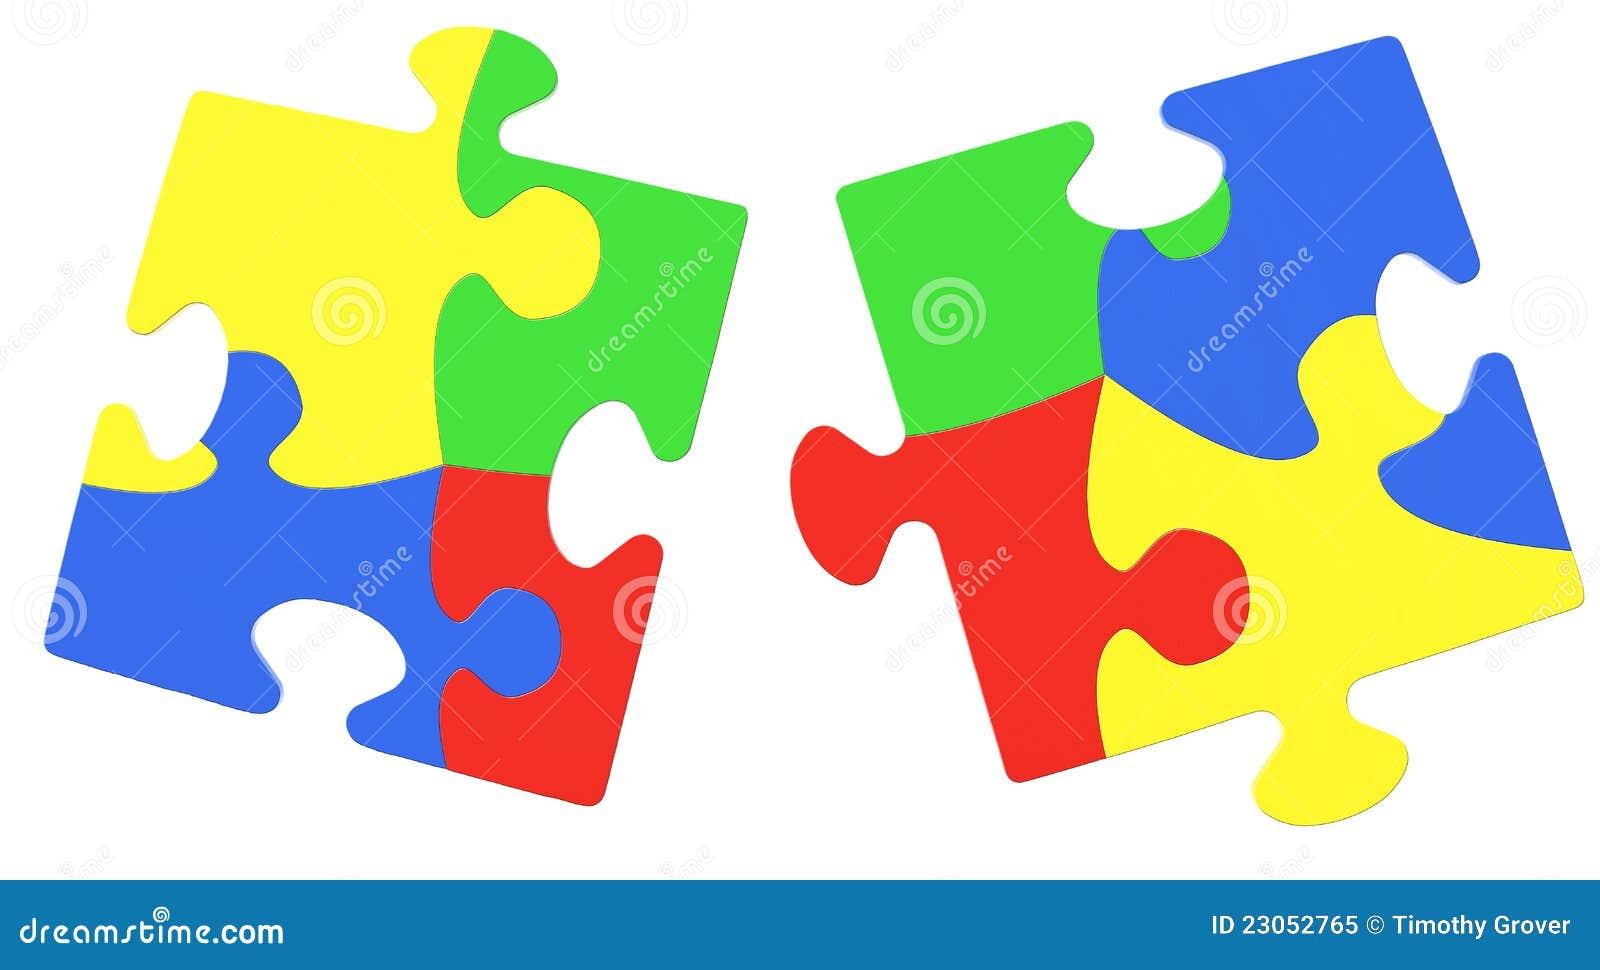 Πολύχρωμα κομμάτια γρίφων που συμβολίζουν τη συνειδητοποίηση αυτισμού